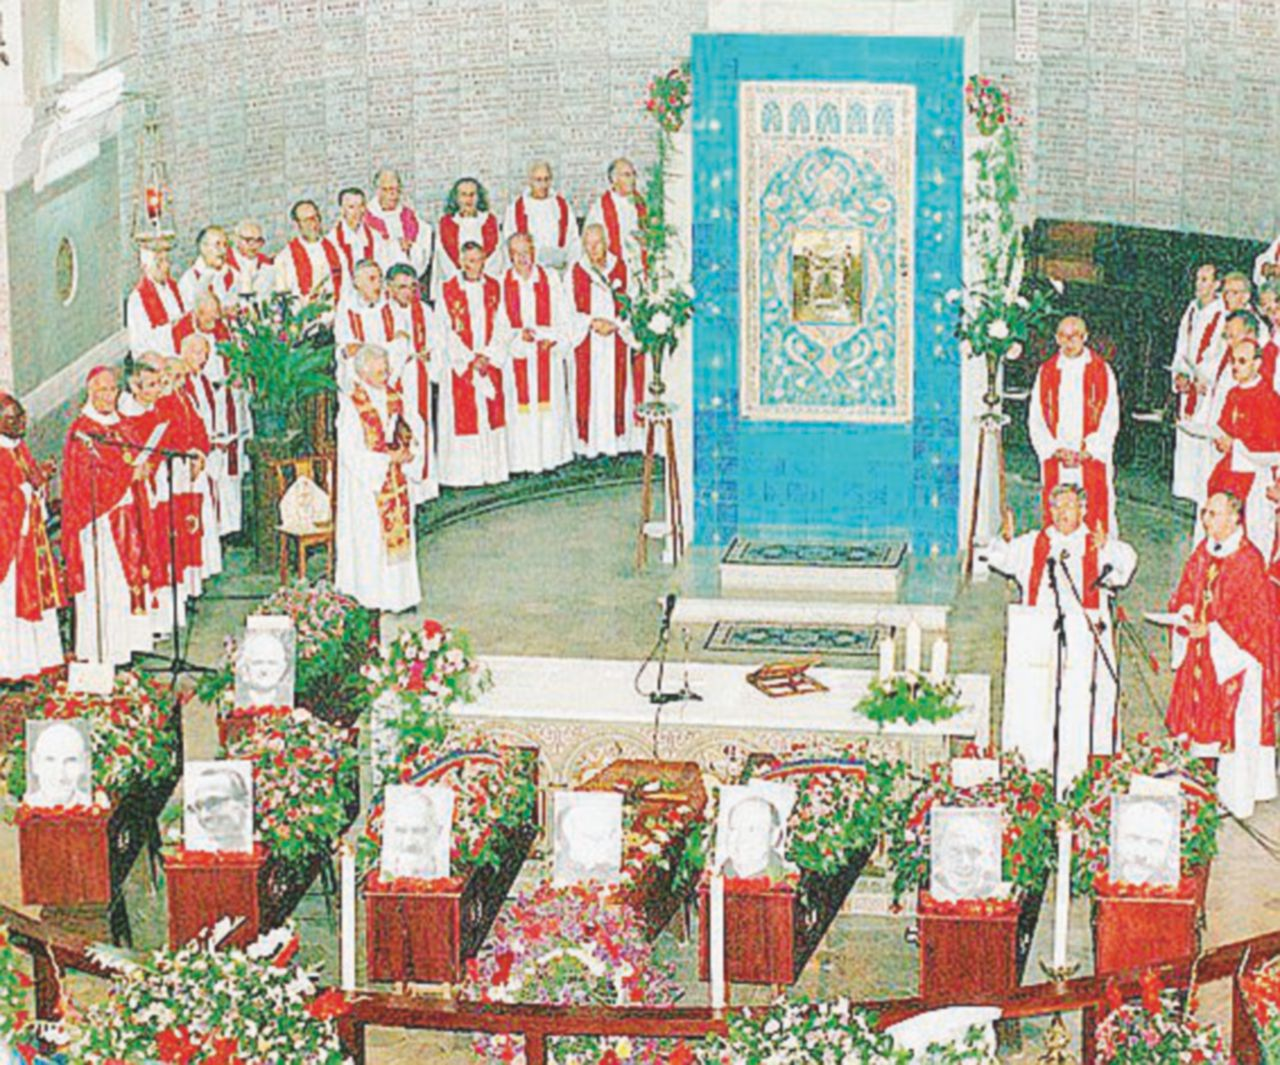 I 7 monaci di Tibhirine decapitati 20 anni fa dai salafiti del Gia in Algeria